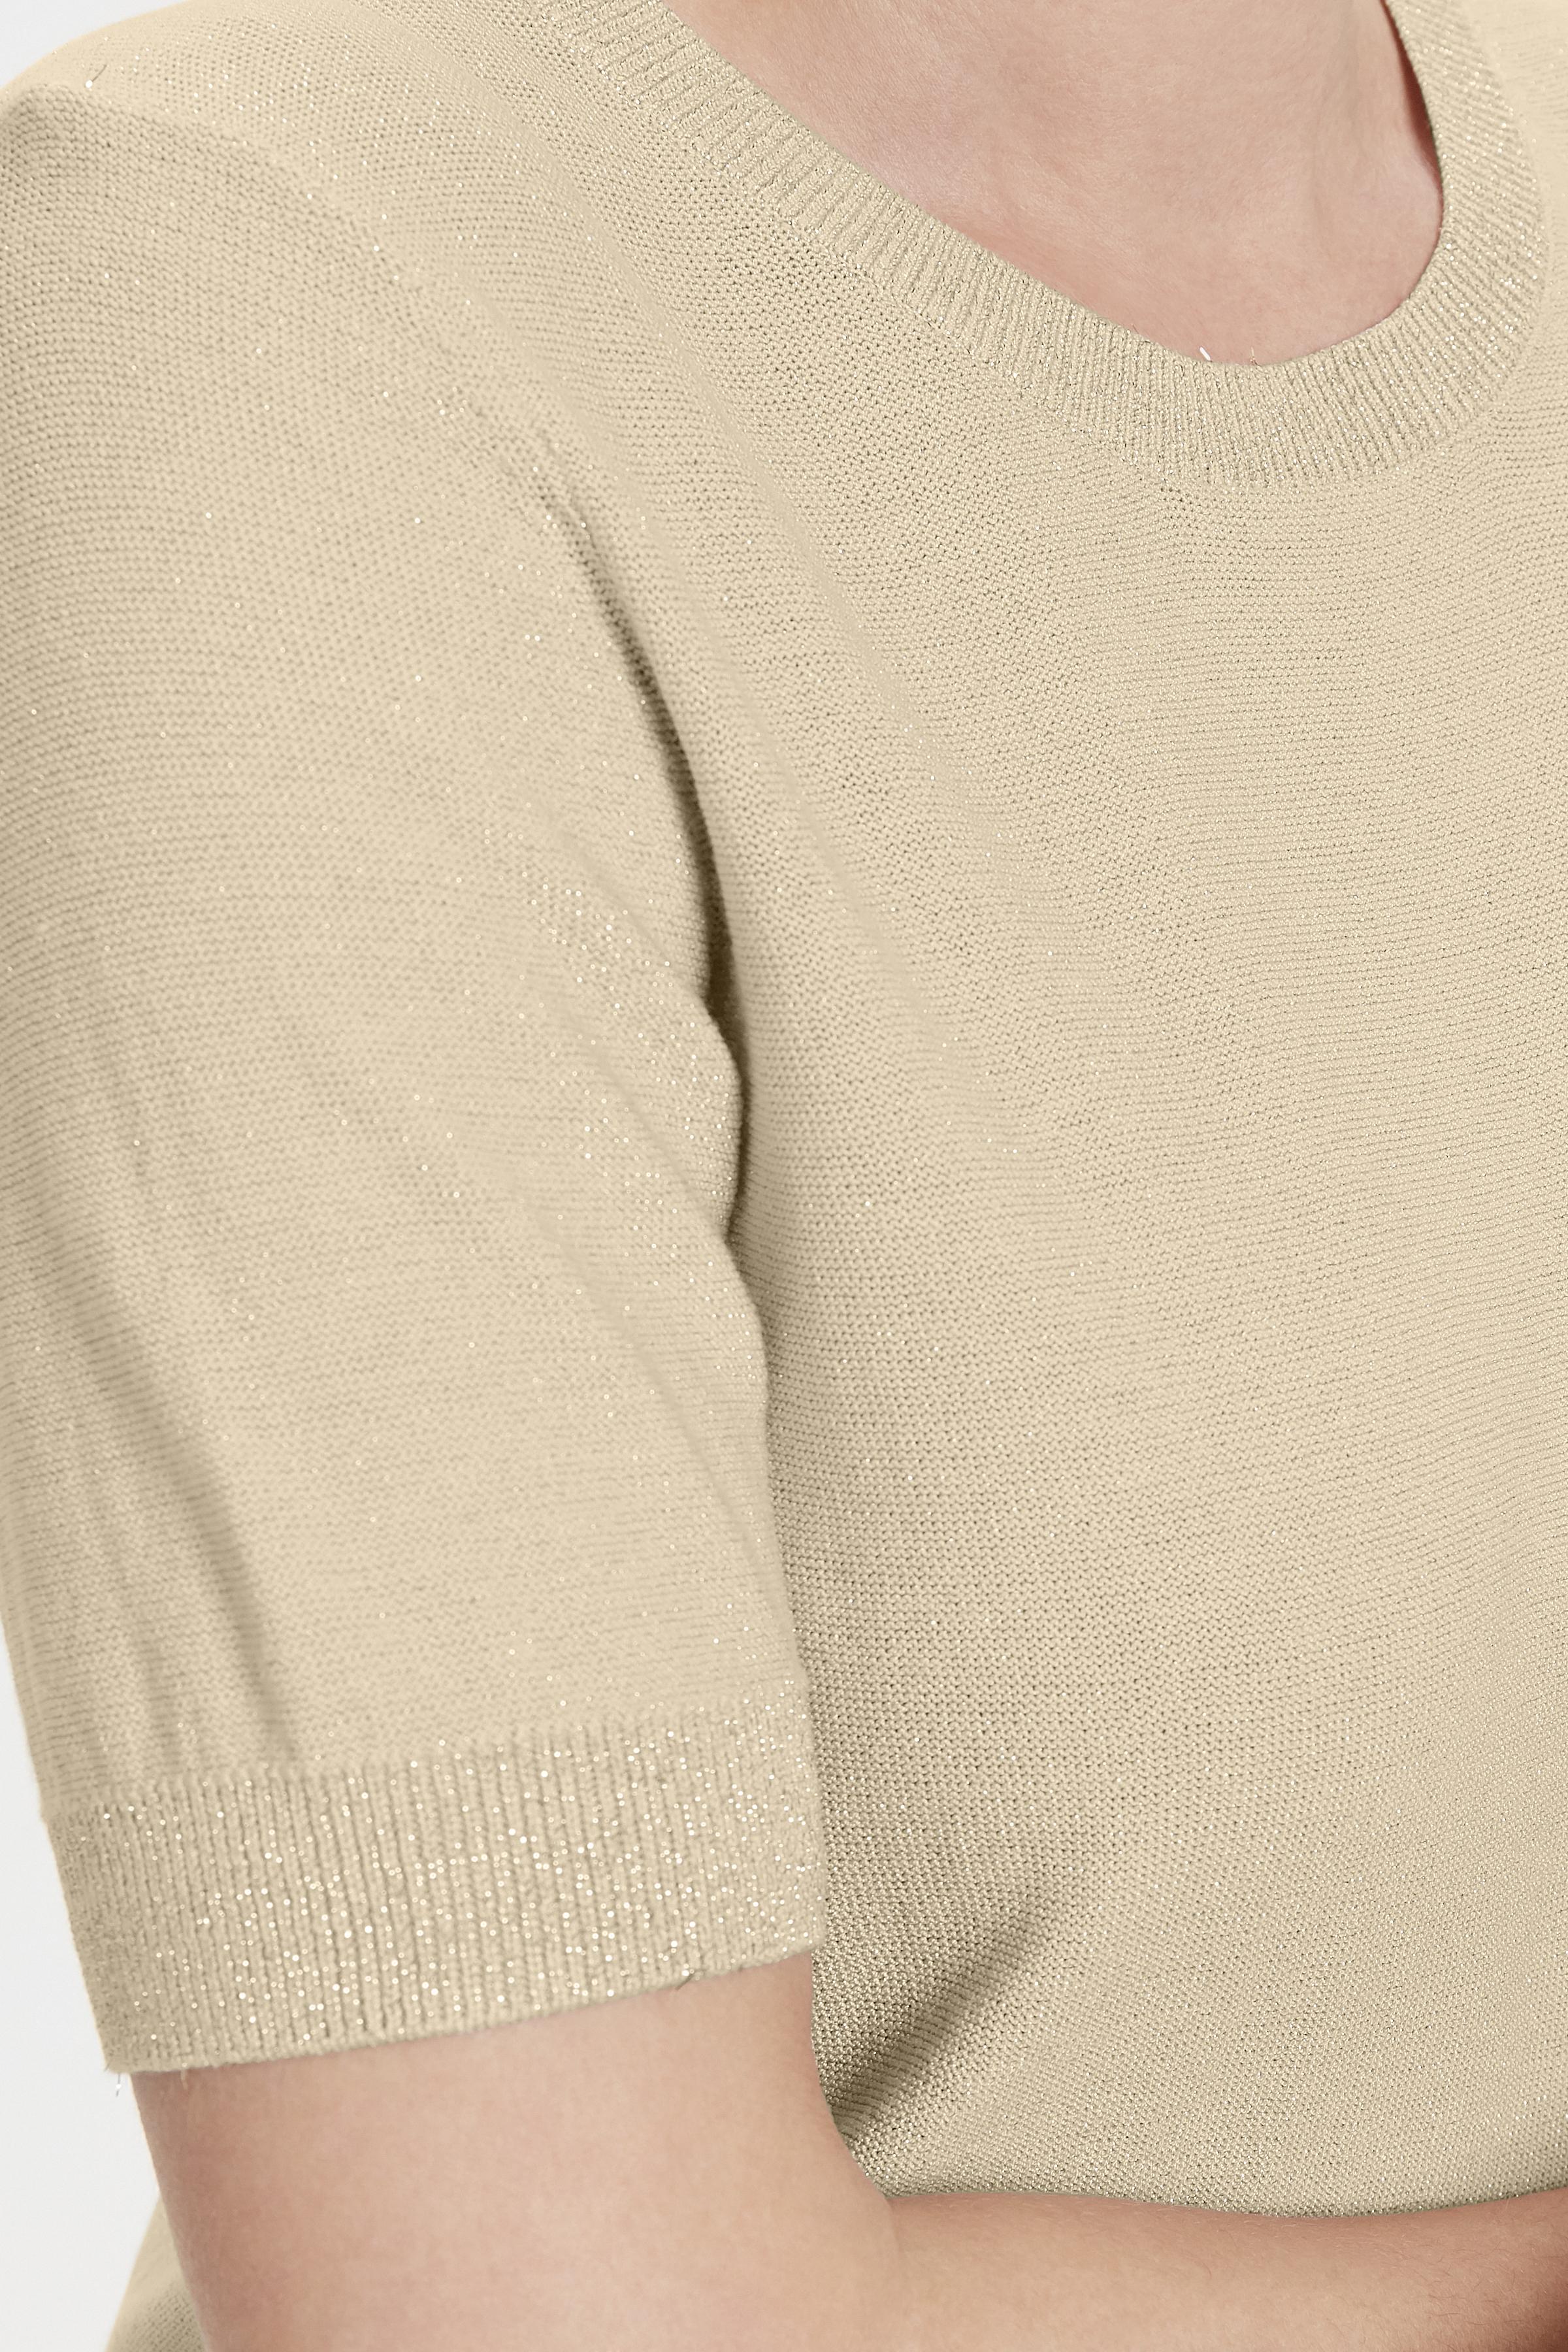 Hellsand Strickpullover von Pulz Jeans – Shoppen Sie Hellsand Strickpullover ab Gr. XS-XXL hier